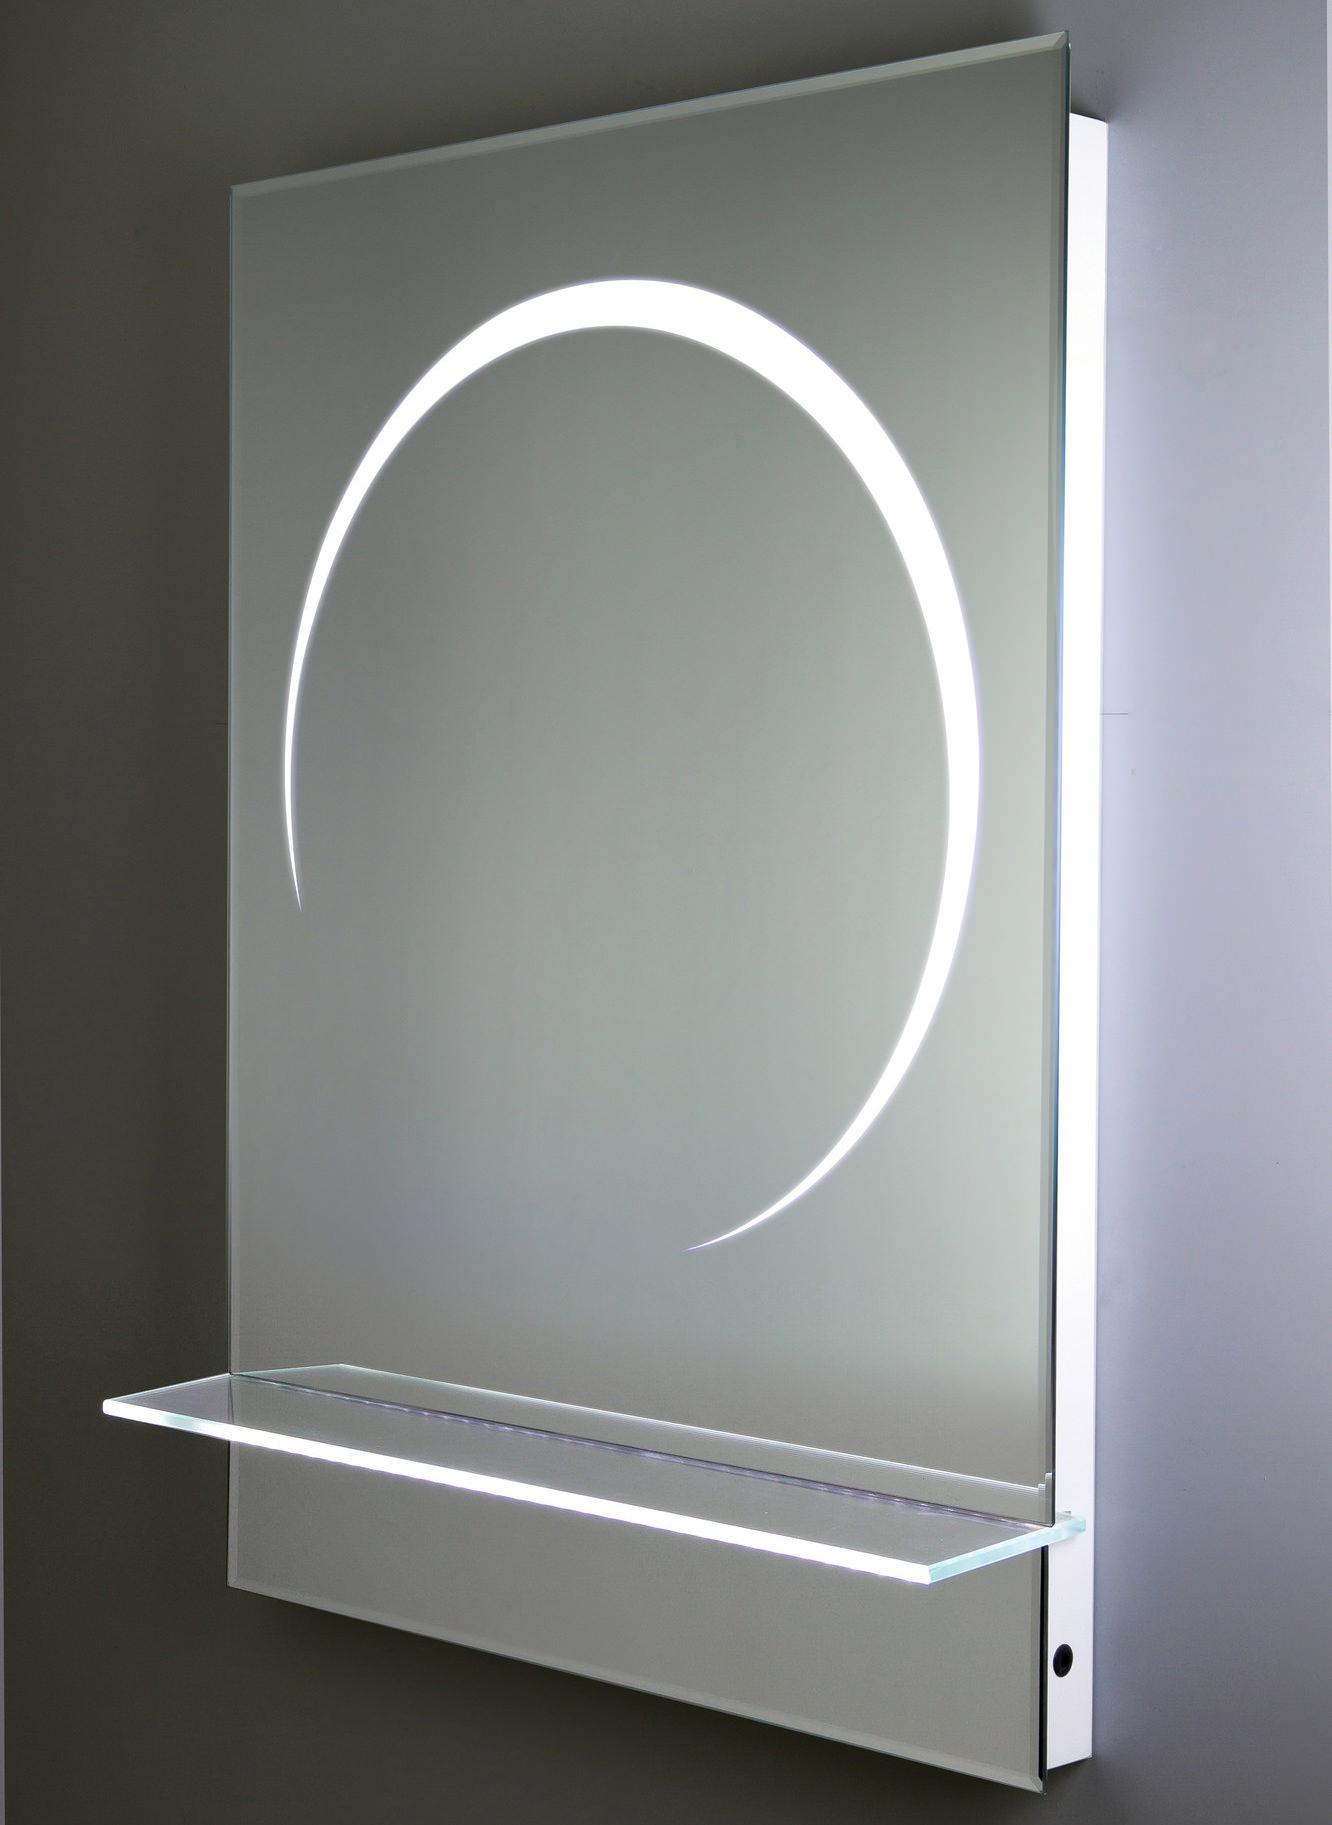 rak eclipse 5 or 6 white framed led touch sensor mirror. Black Bedroom Furniture Sets. Home Design Ideas